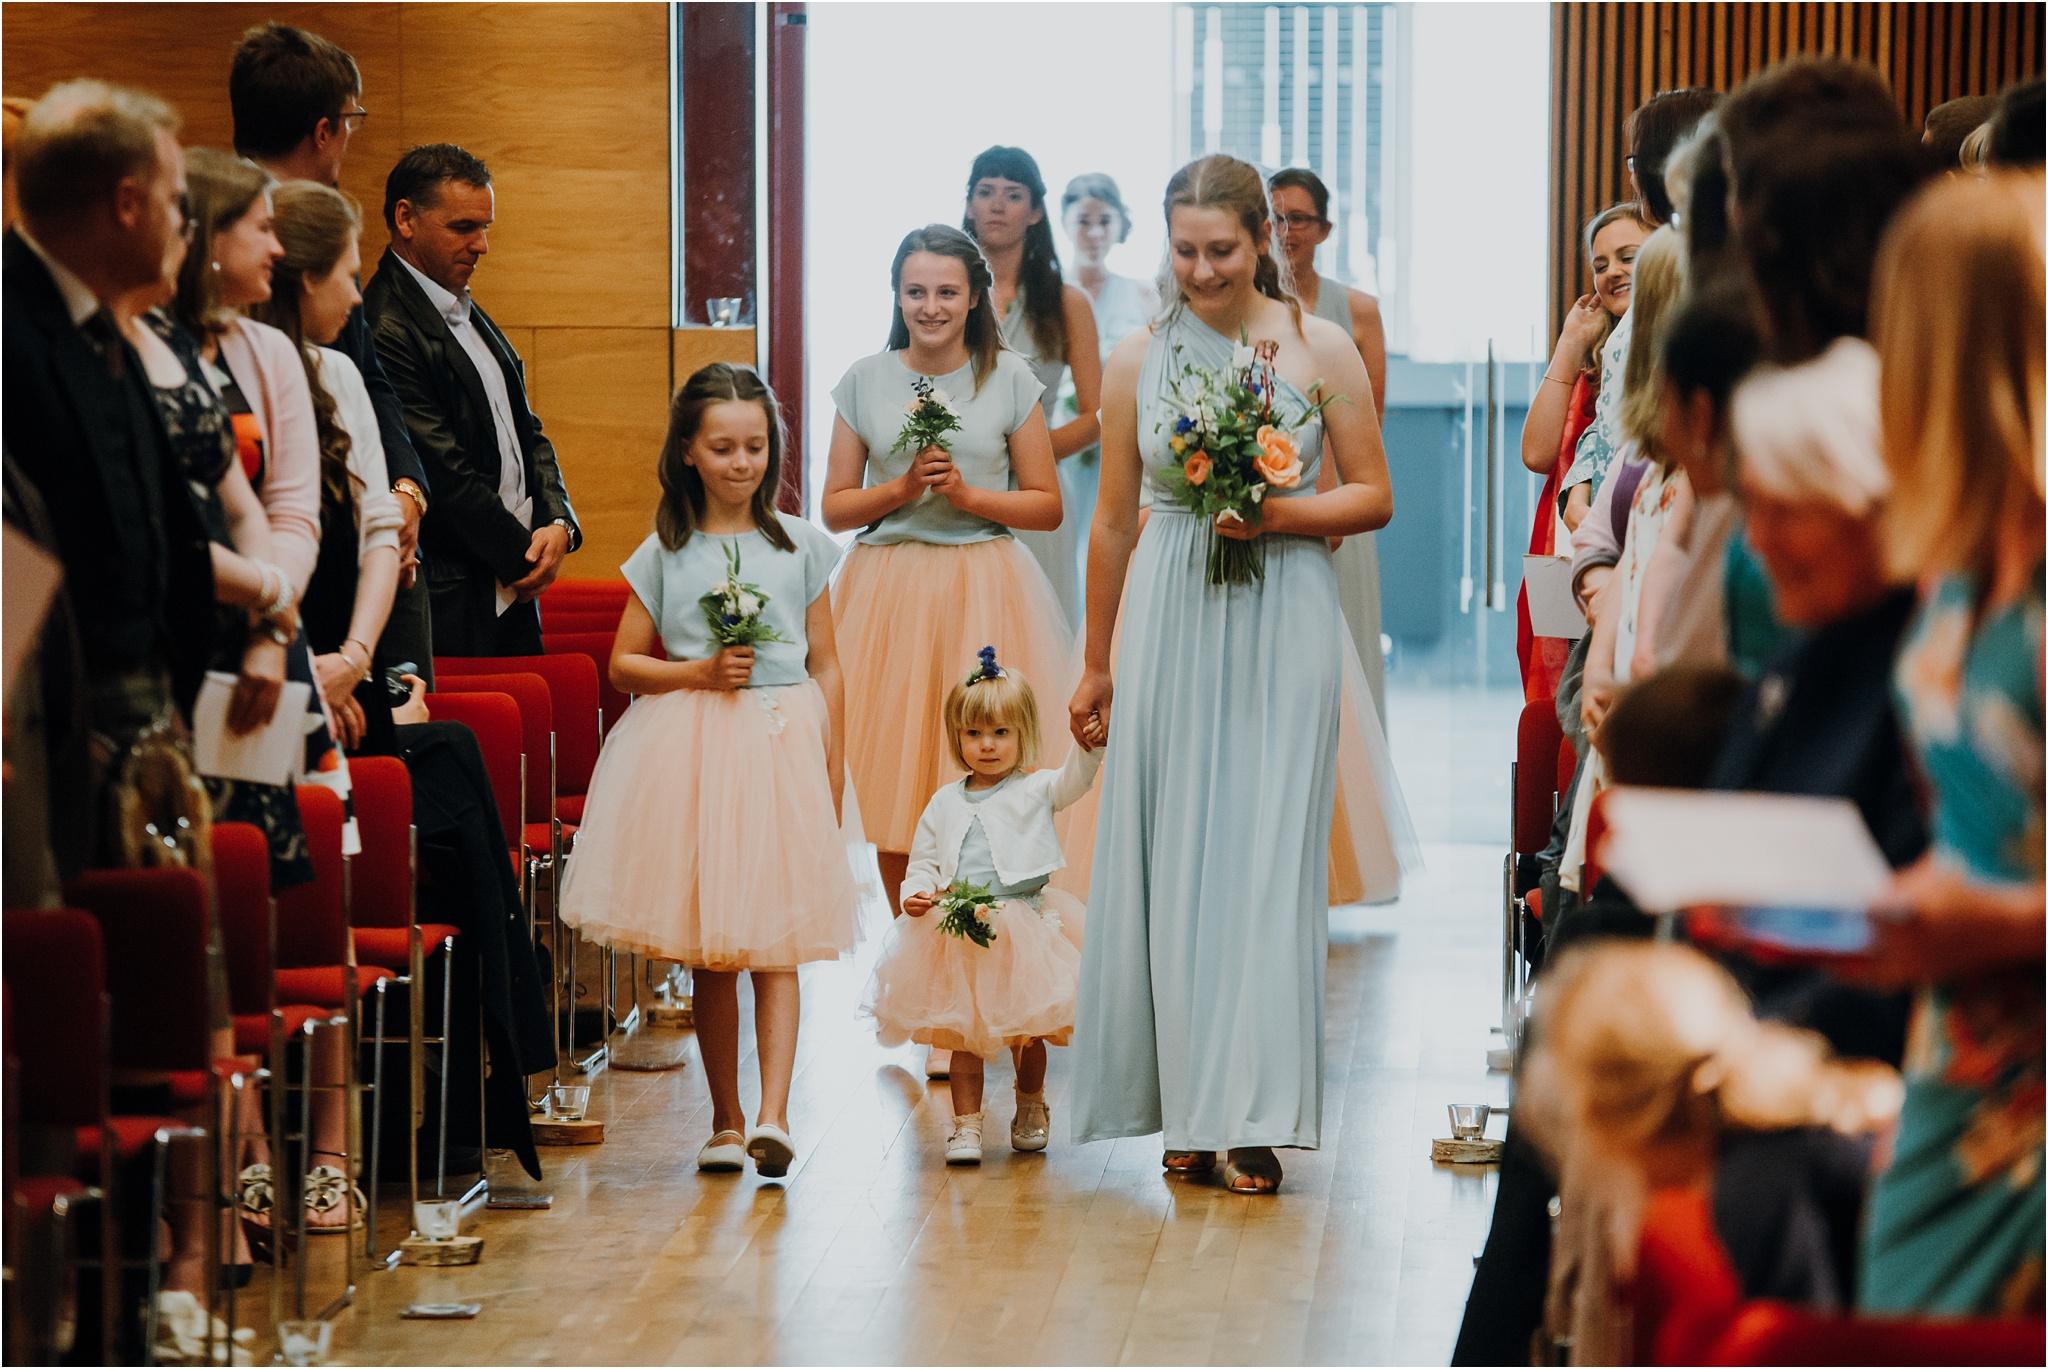 Edinburgh-barn-wedding-photographer_32.jpg